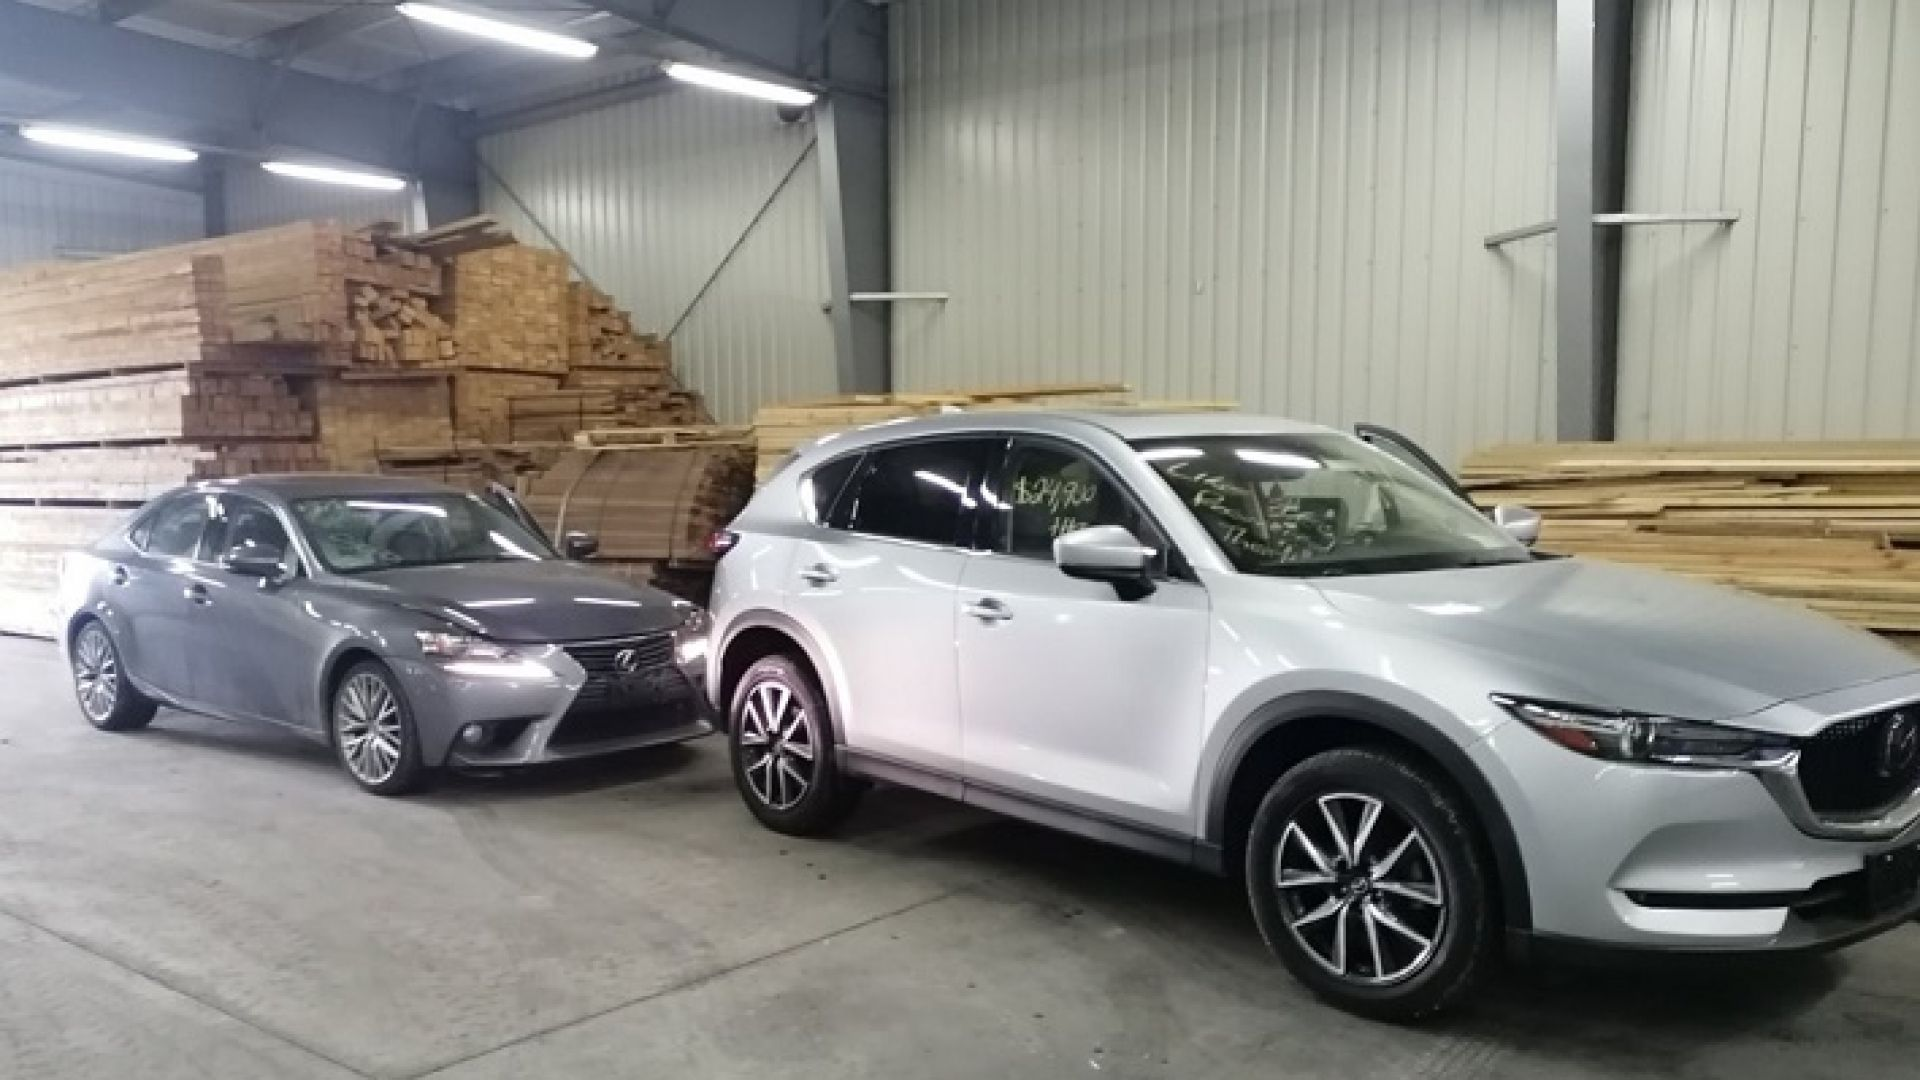 Вносители на автомобили лъжат за повреди заради ДДС и мито